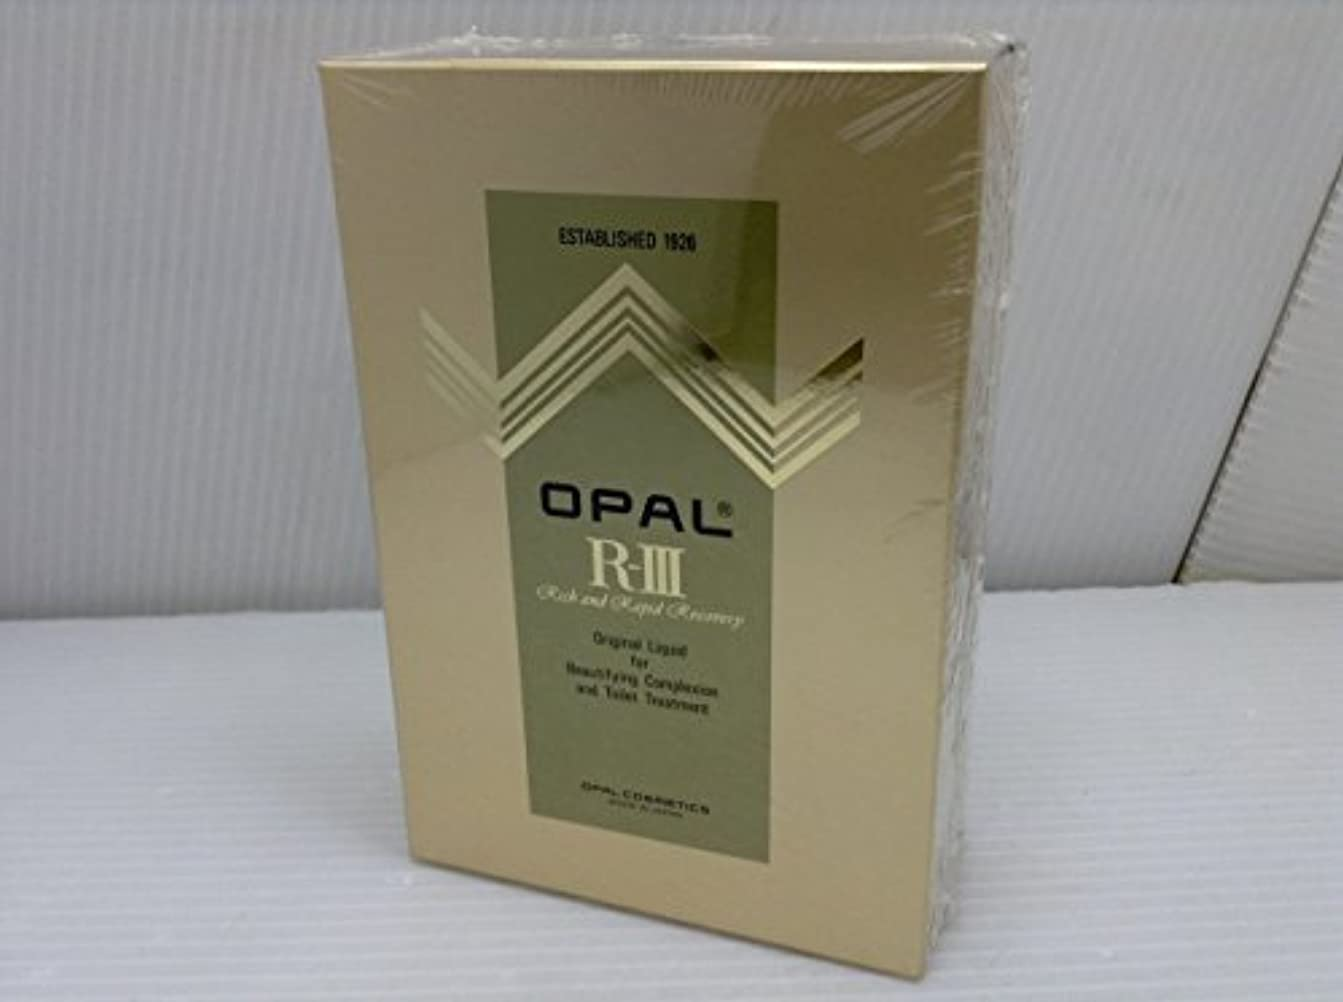 製造液化するぼかしオパール化粧品 美容原液 薬用オパール R-III (250ml)